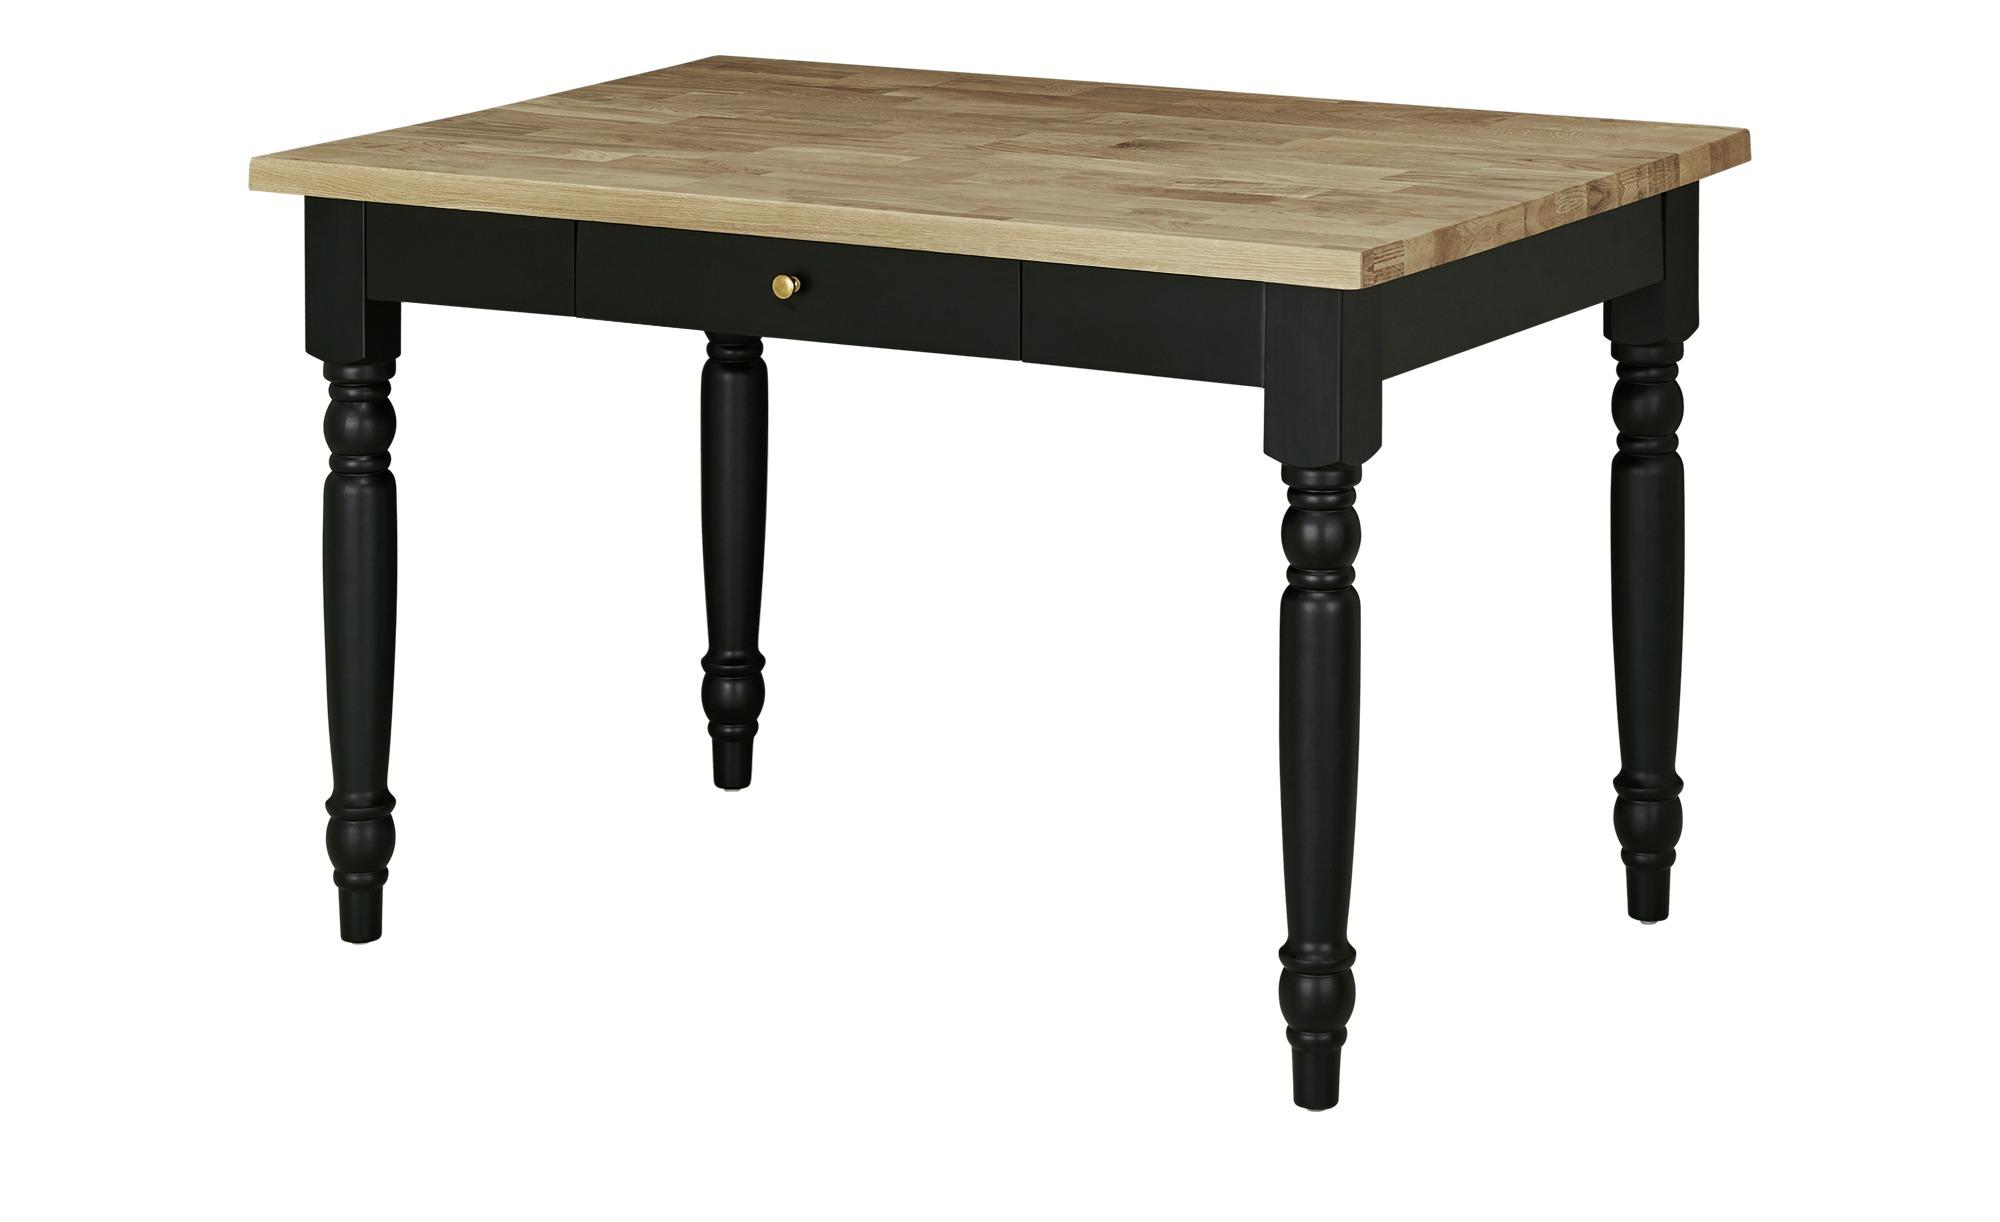 Esstisch Bozen Holzfarben Masse Cm B 80 H 77 Tische Kuchentische Hoffner Jetzt Bestellen Unter Https Moebel Lade Esstisch Esstisch Massiv Tisch